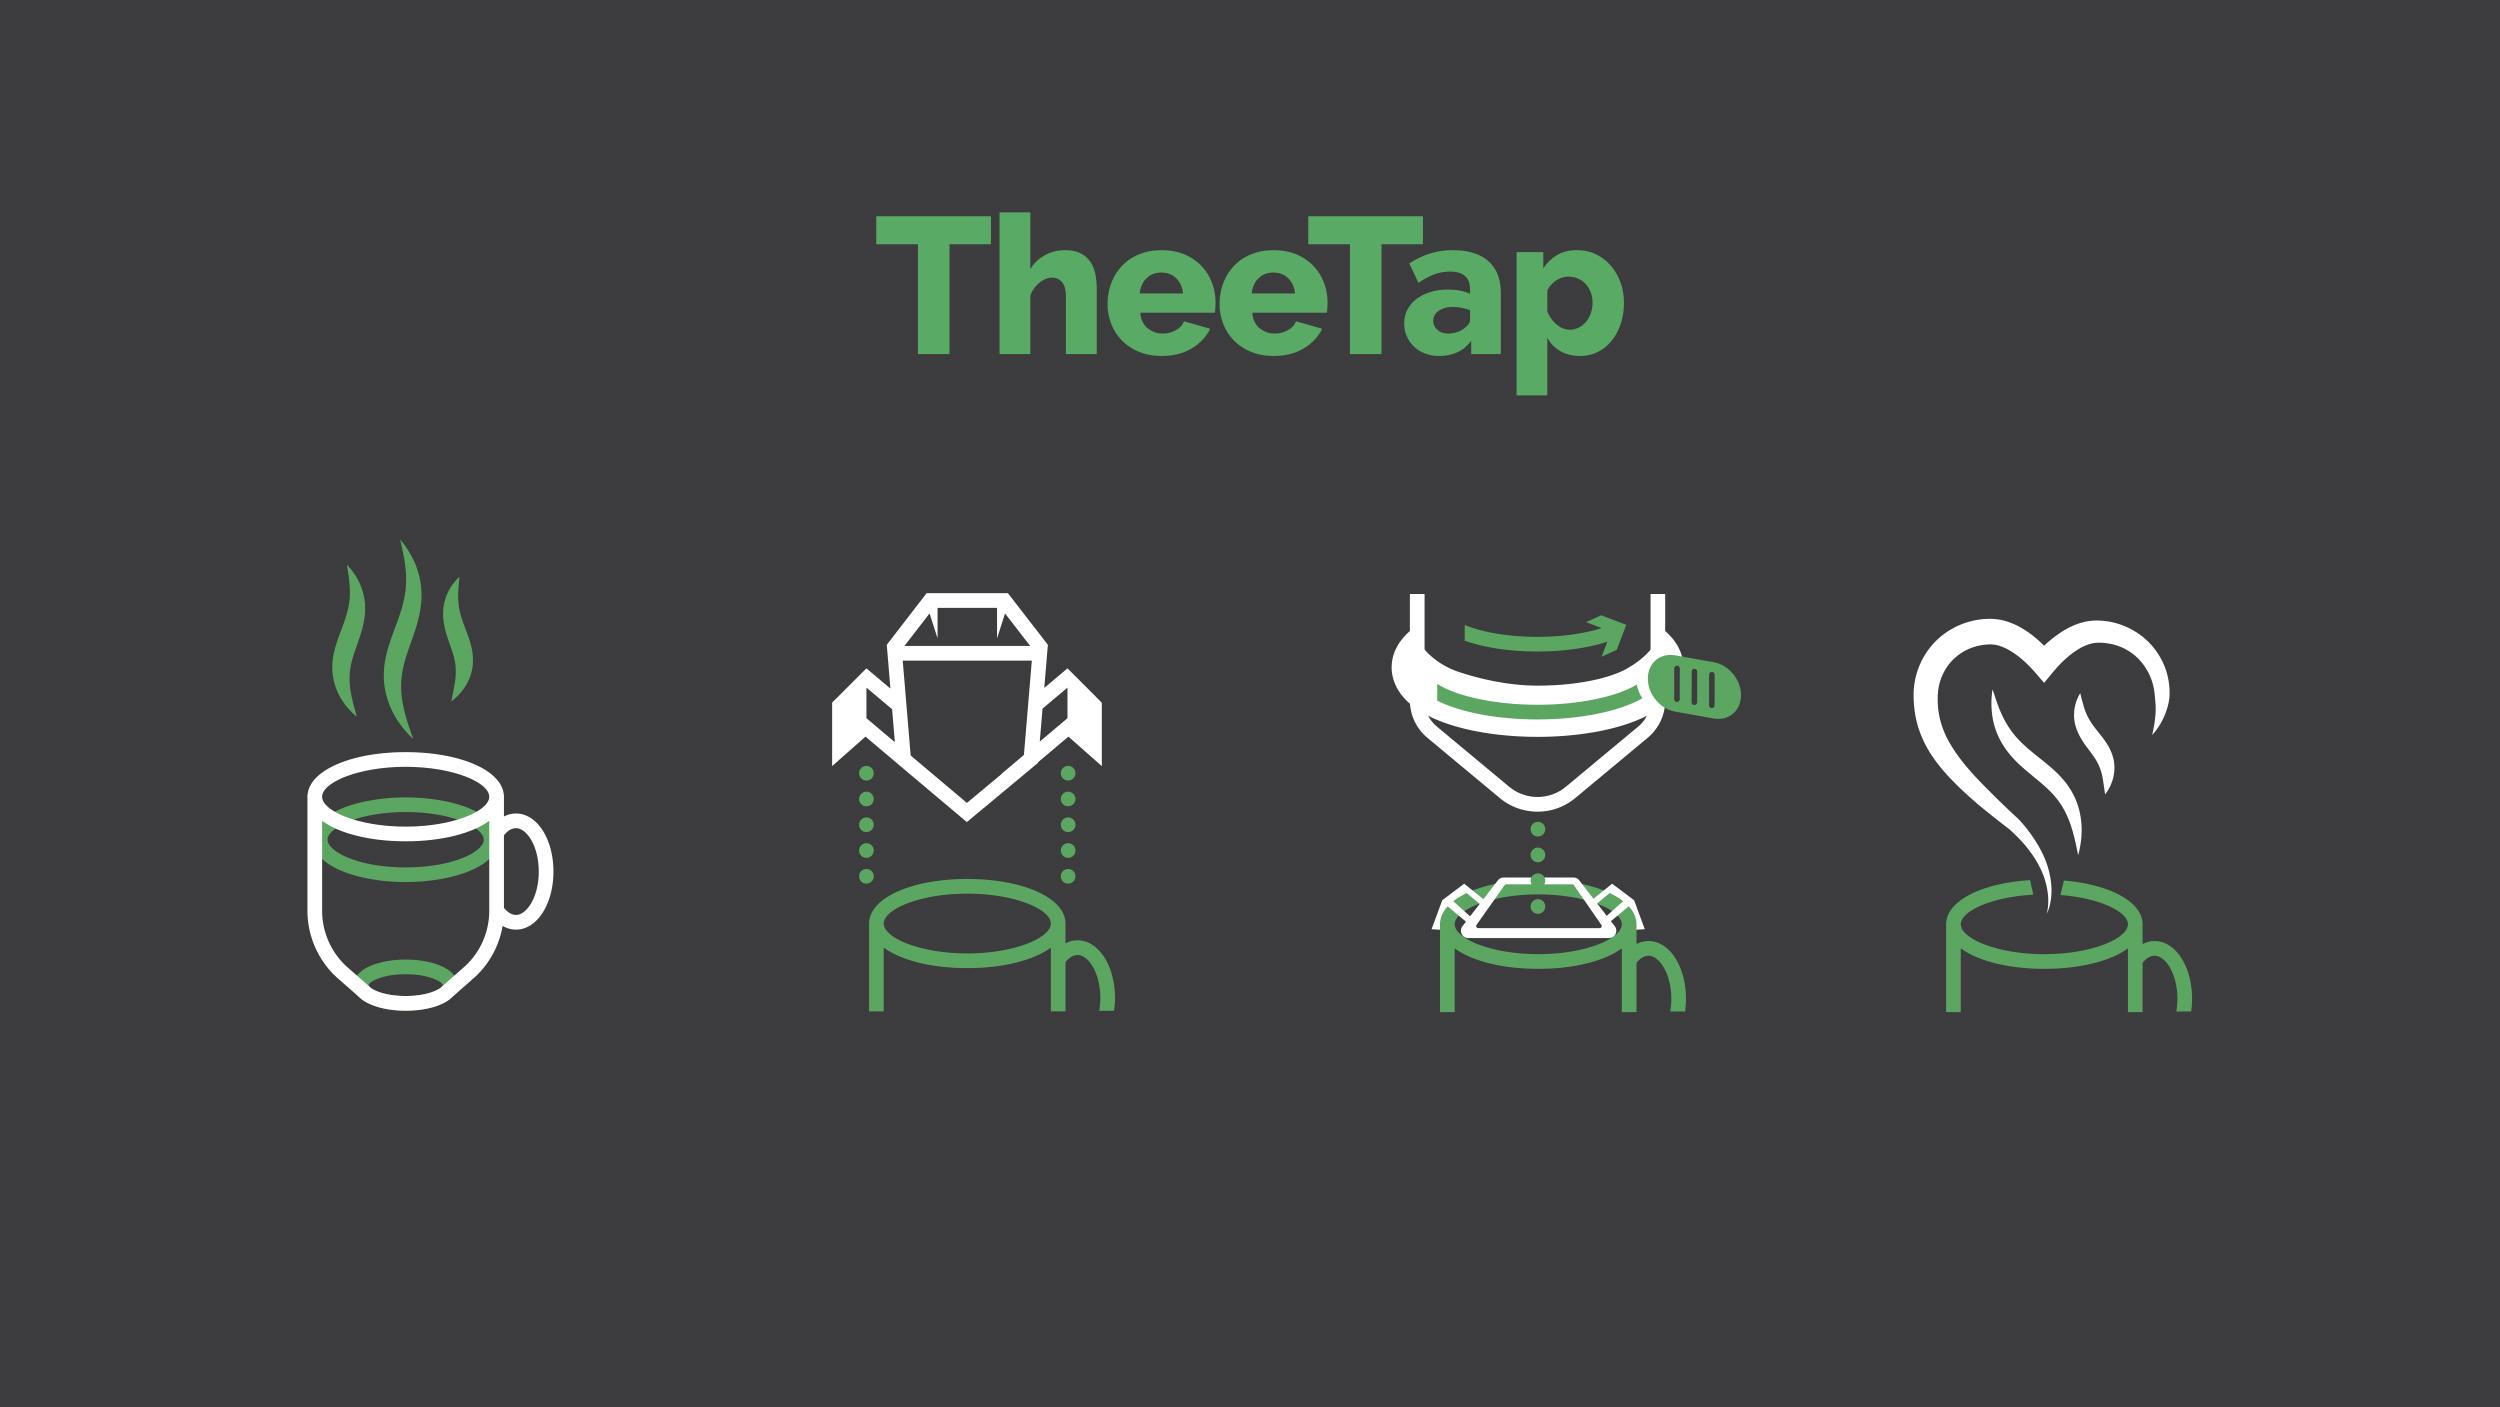 Instructie iconen voor de 'theetap'